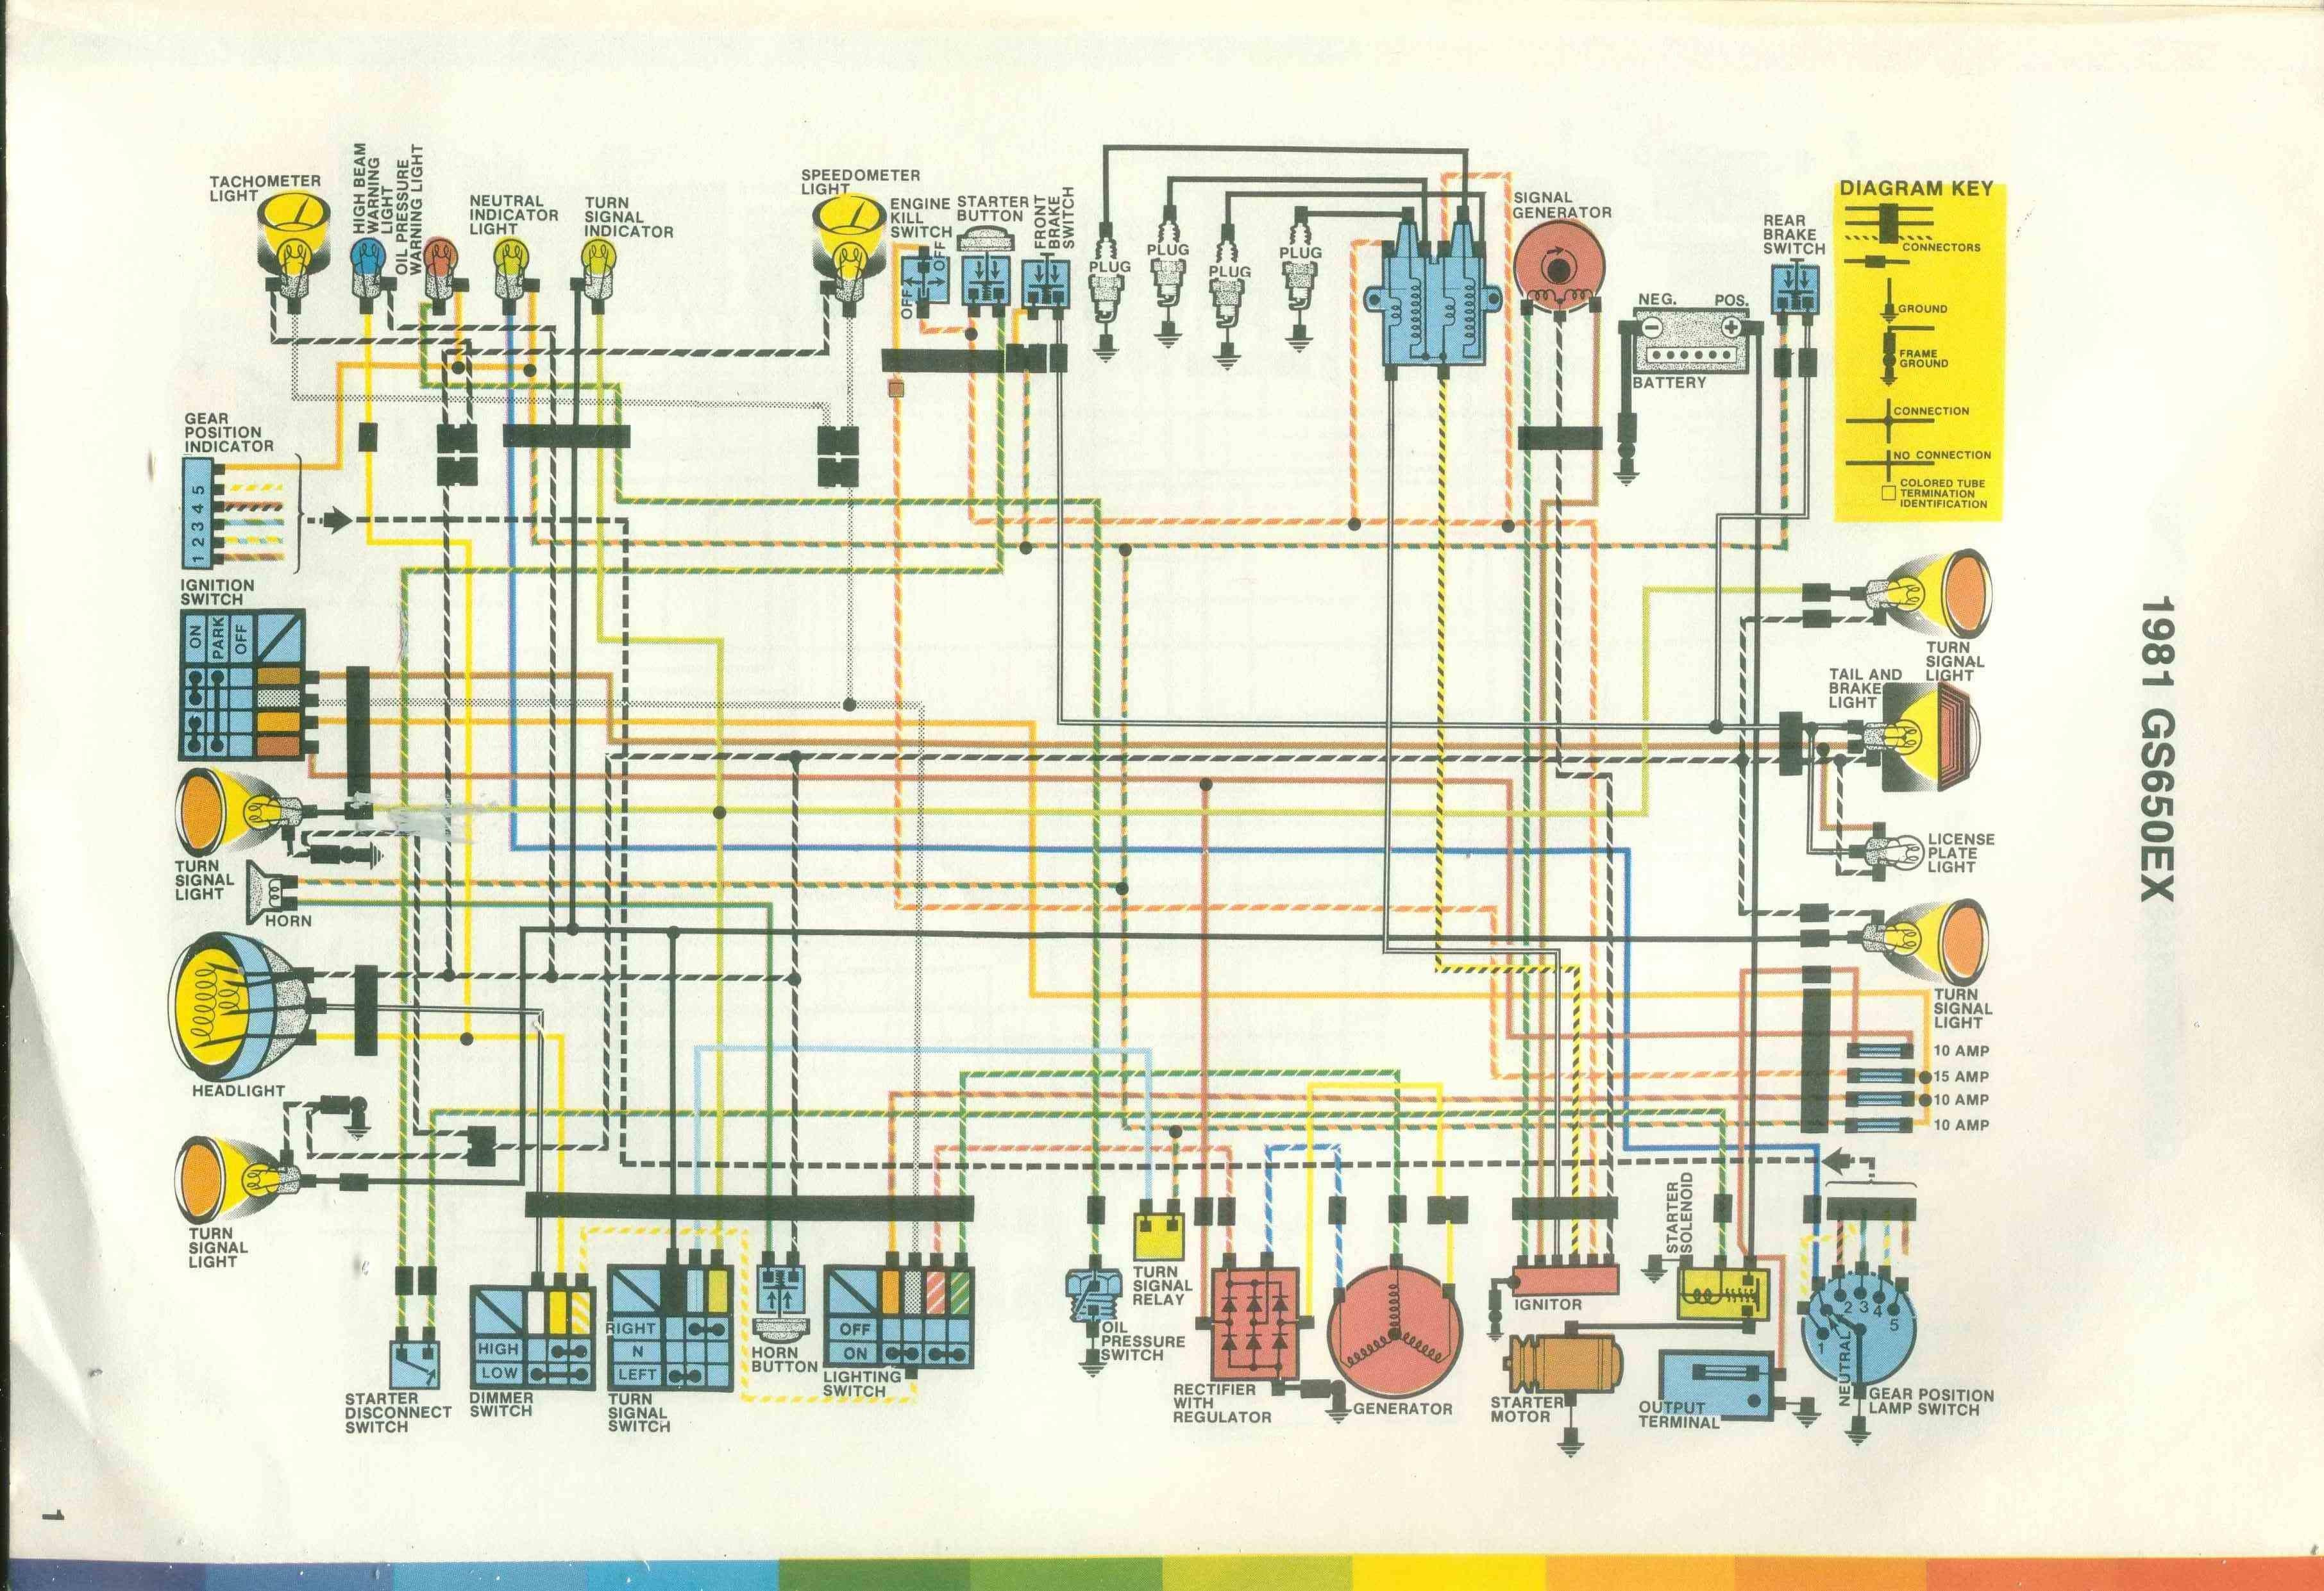 1980 Suzuki Gs850 Wiring Diagram - Wiring Prestolite Diagram Alternator  6222y for Wiring Diagram Schematics | 1980 Suzuki Gs850 Wiring Diagram |  | Wiring Diagram Schematics